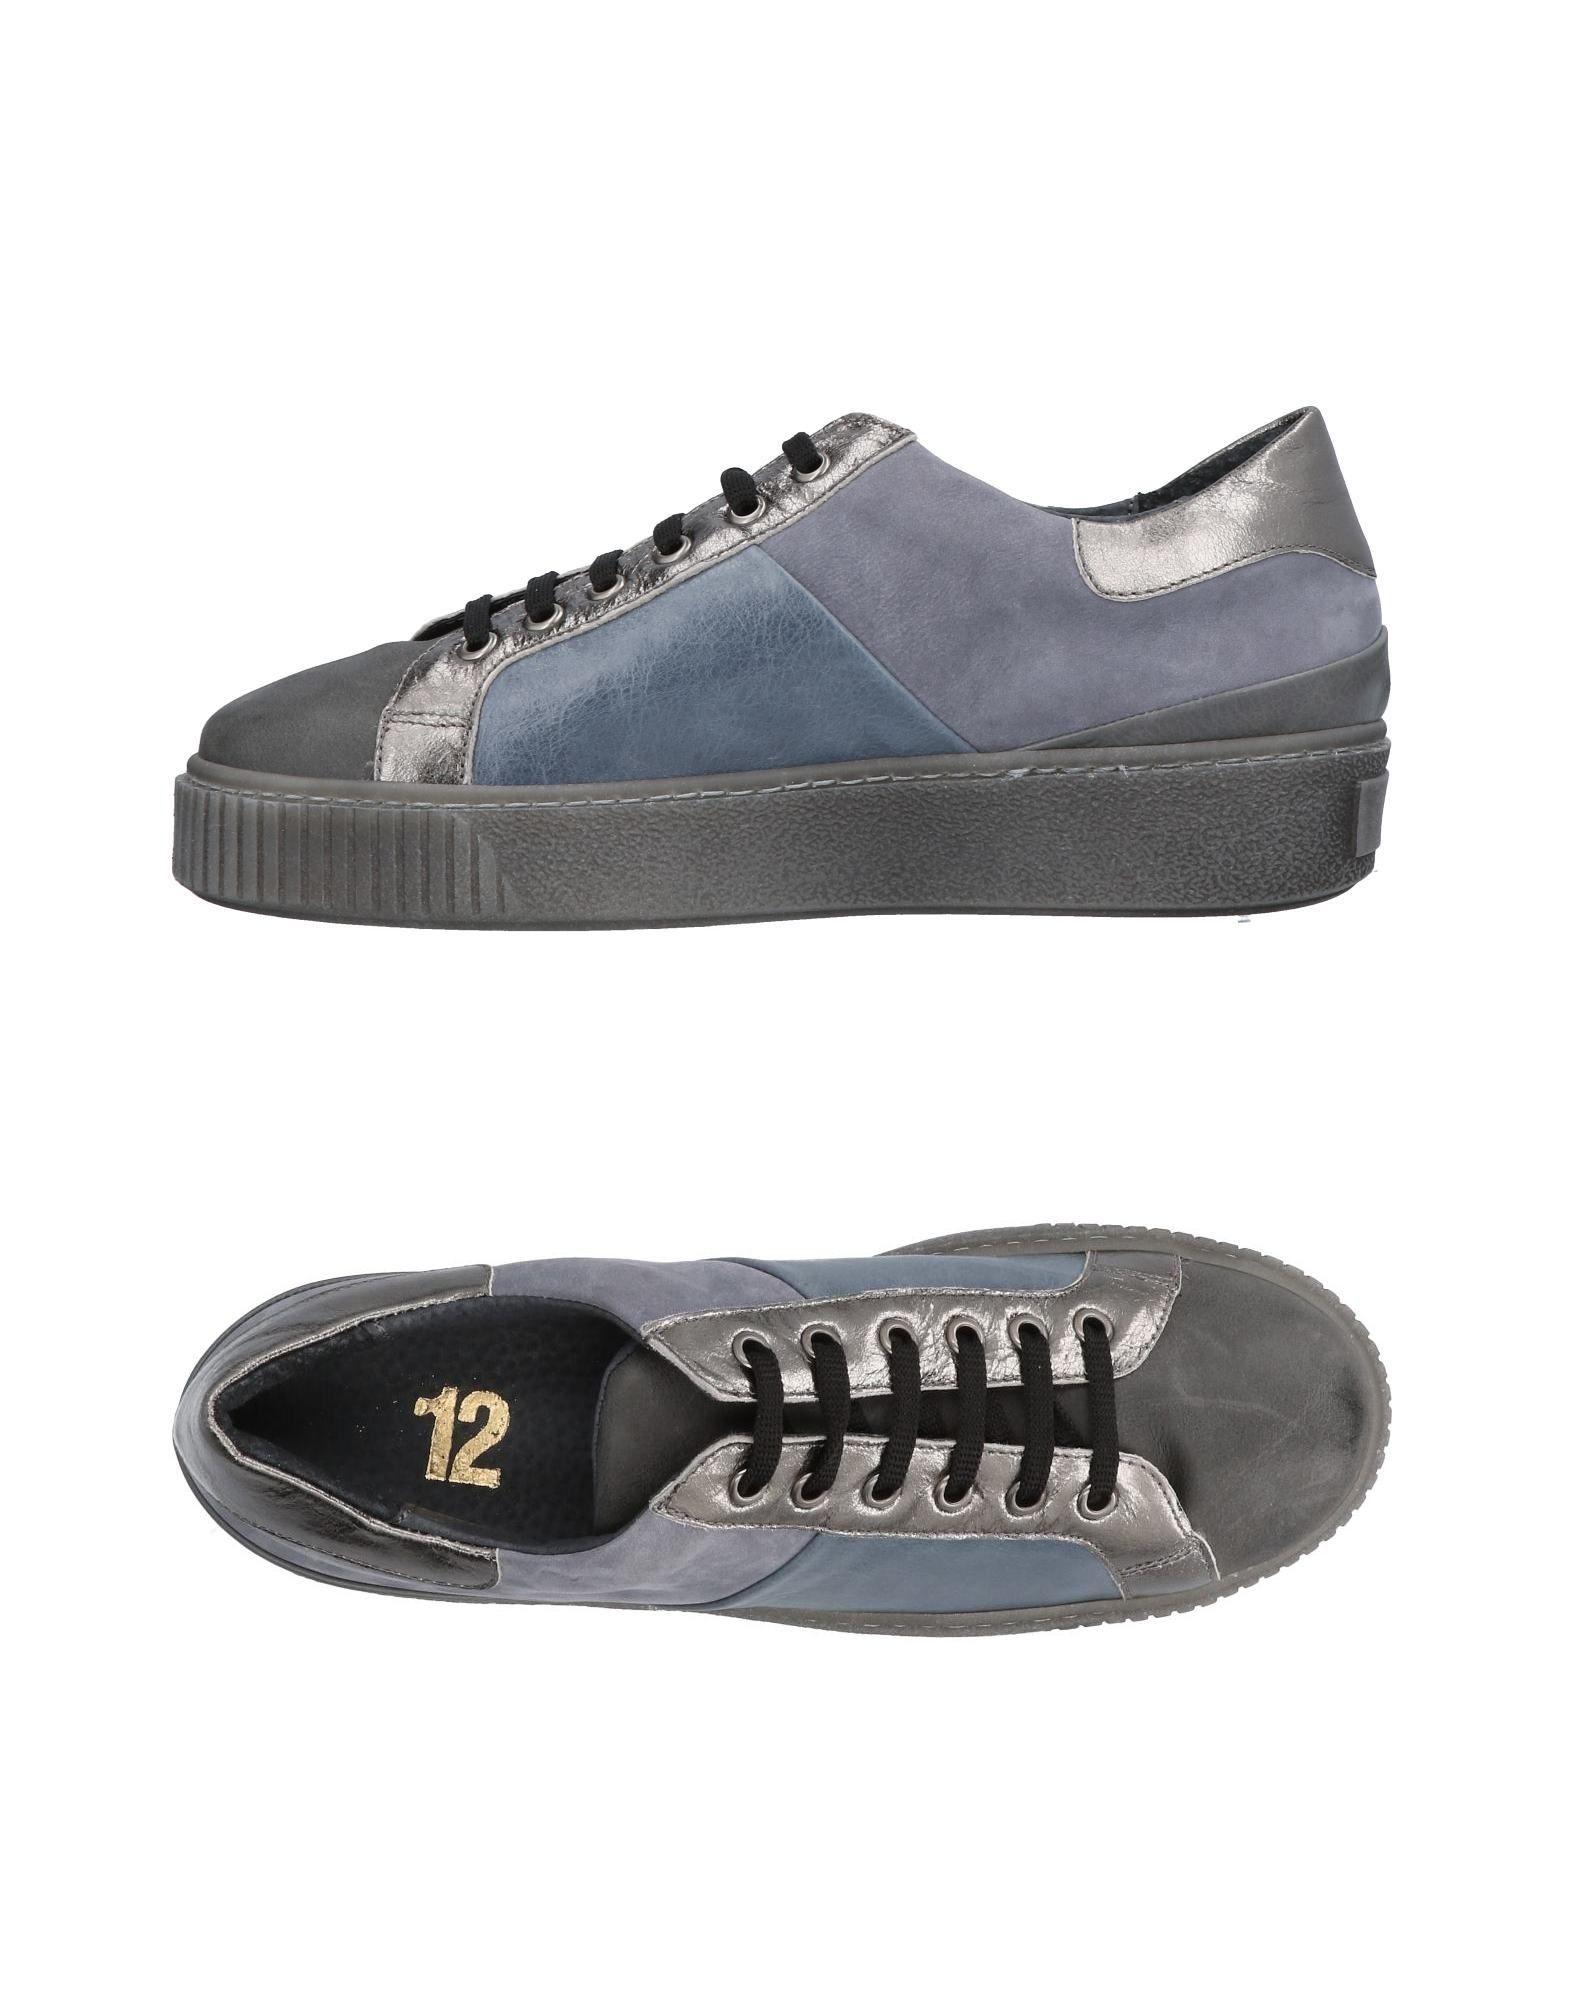 Scarpe economiche e resistenti Sneakers Tsd12 Donna - 11453826LH